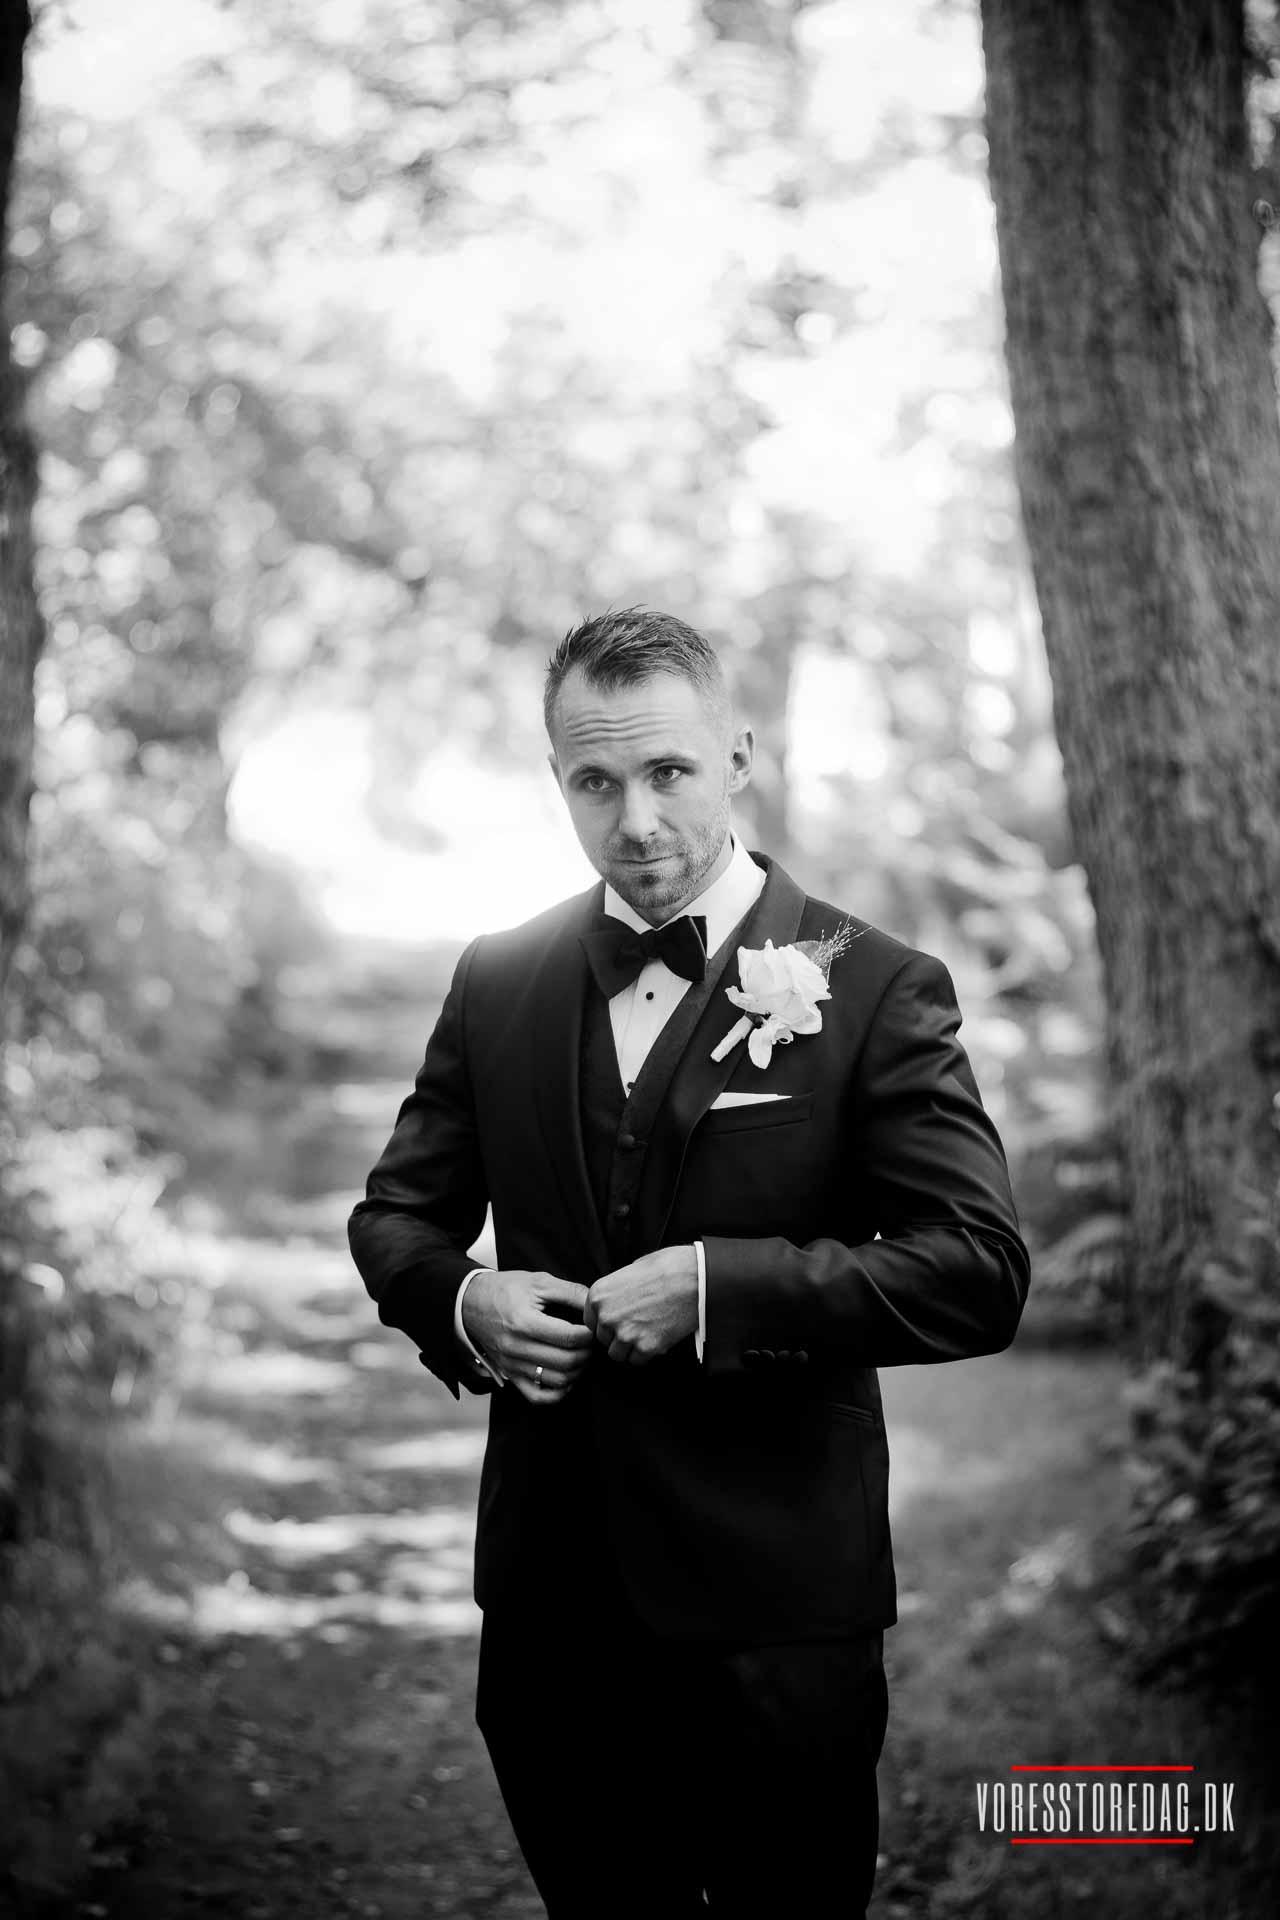 En dygtig bryllupsfotograf vil naturligvis selv kunne se mange muligheder